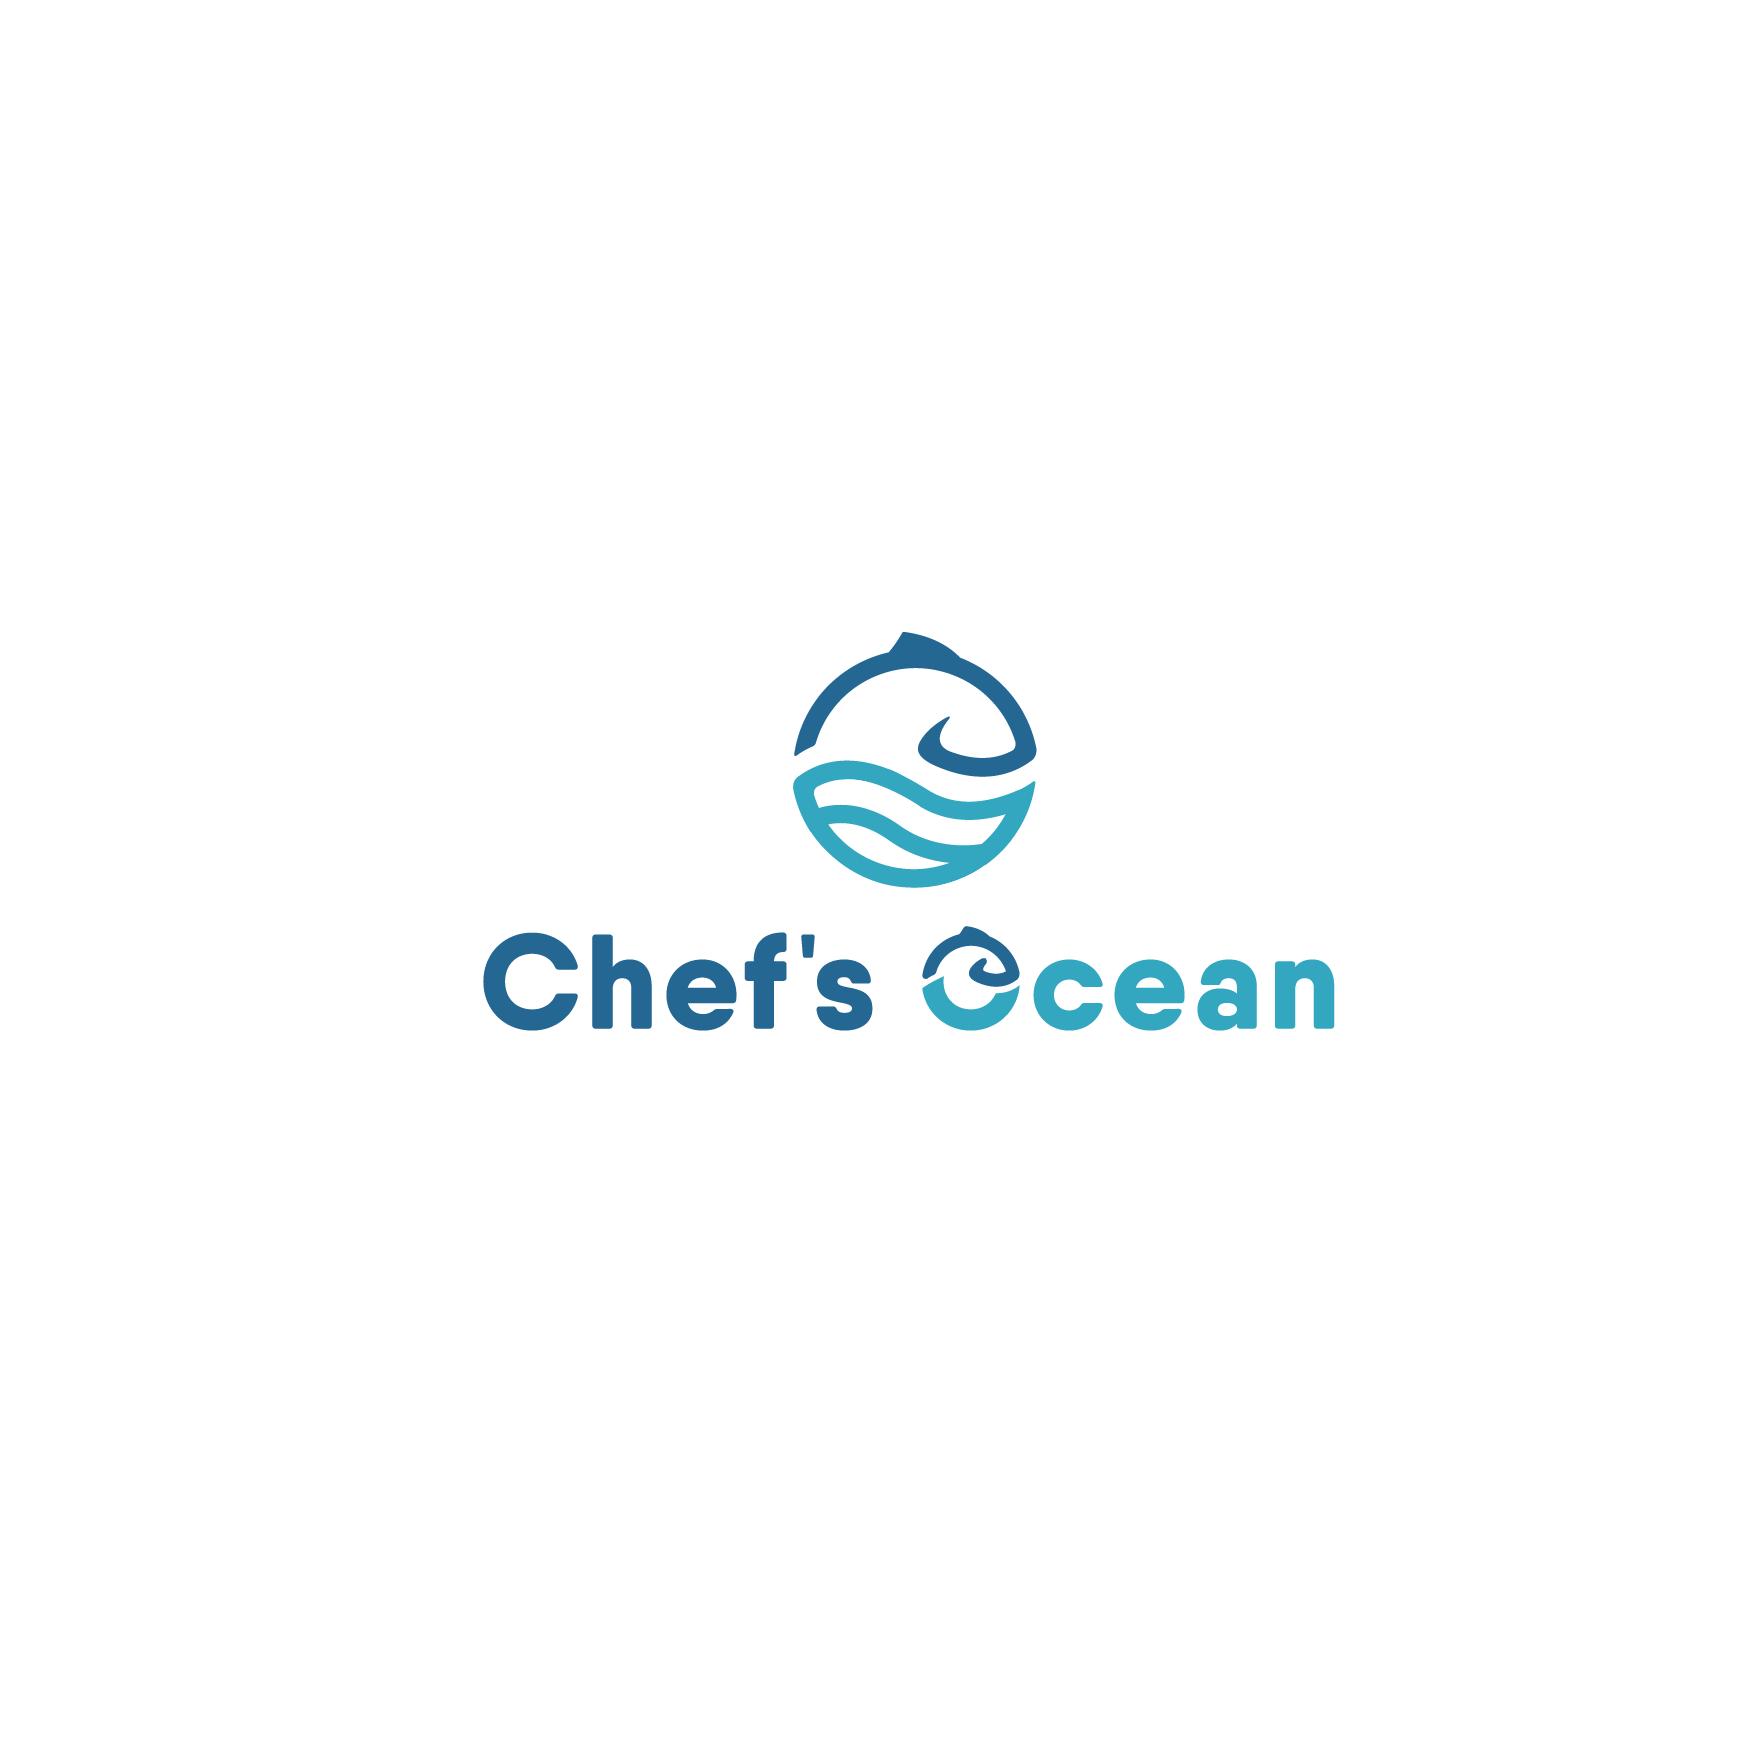 Chef's Ocean